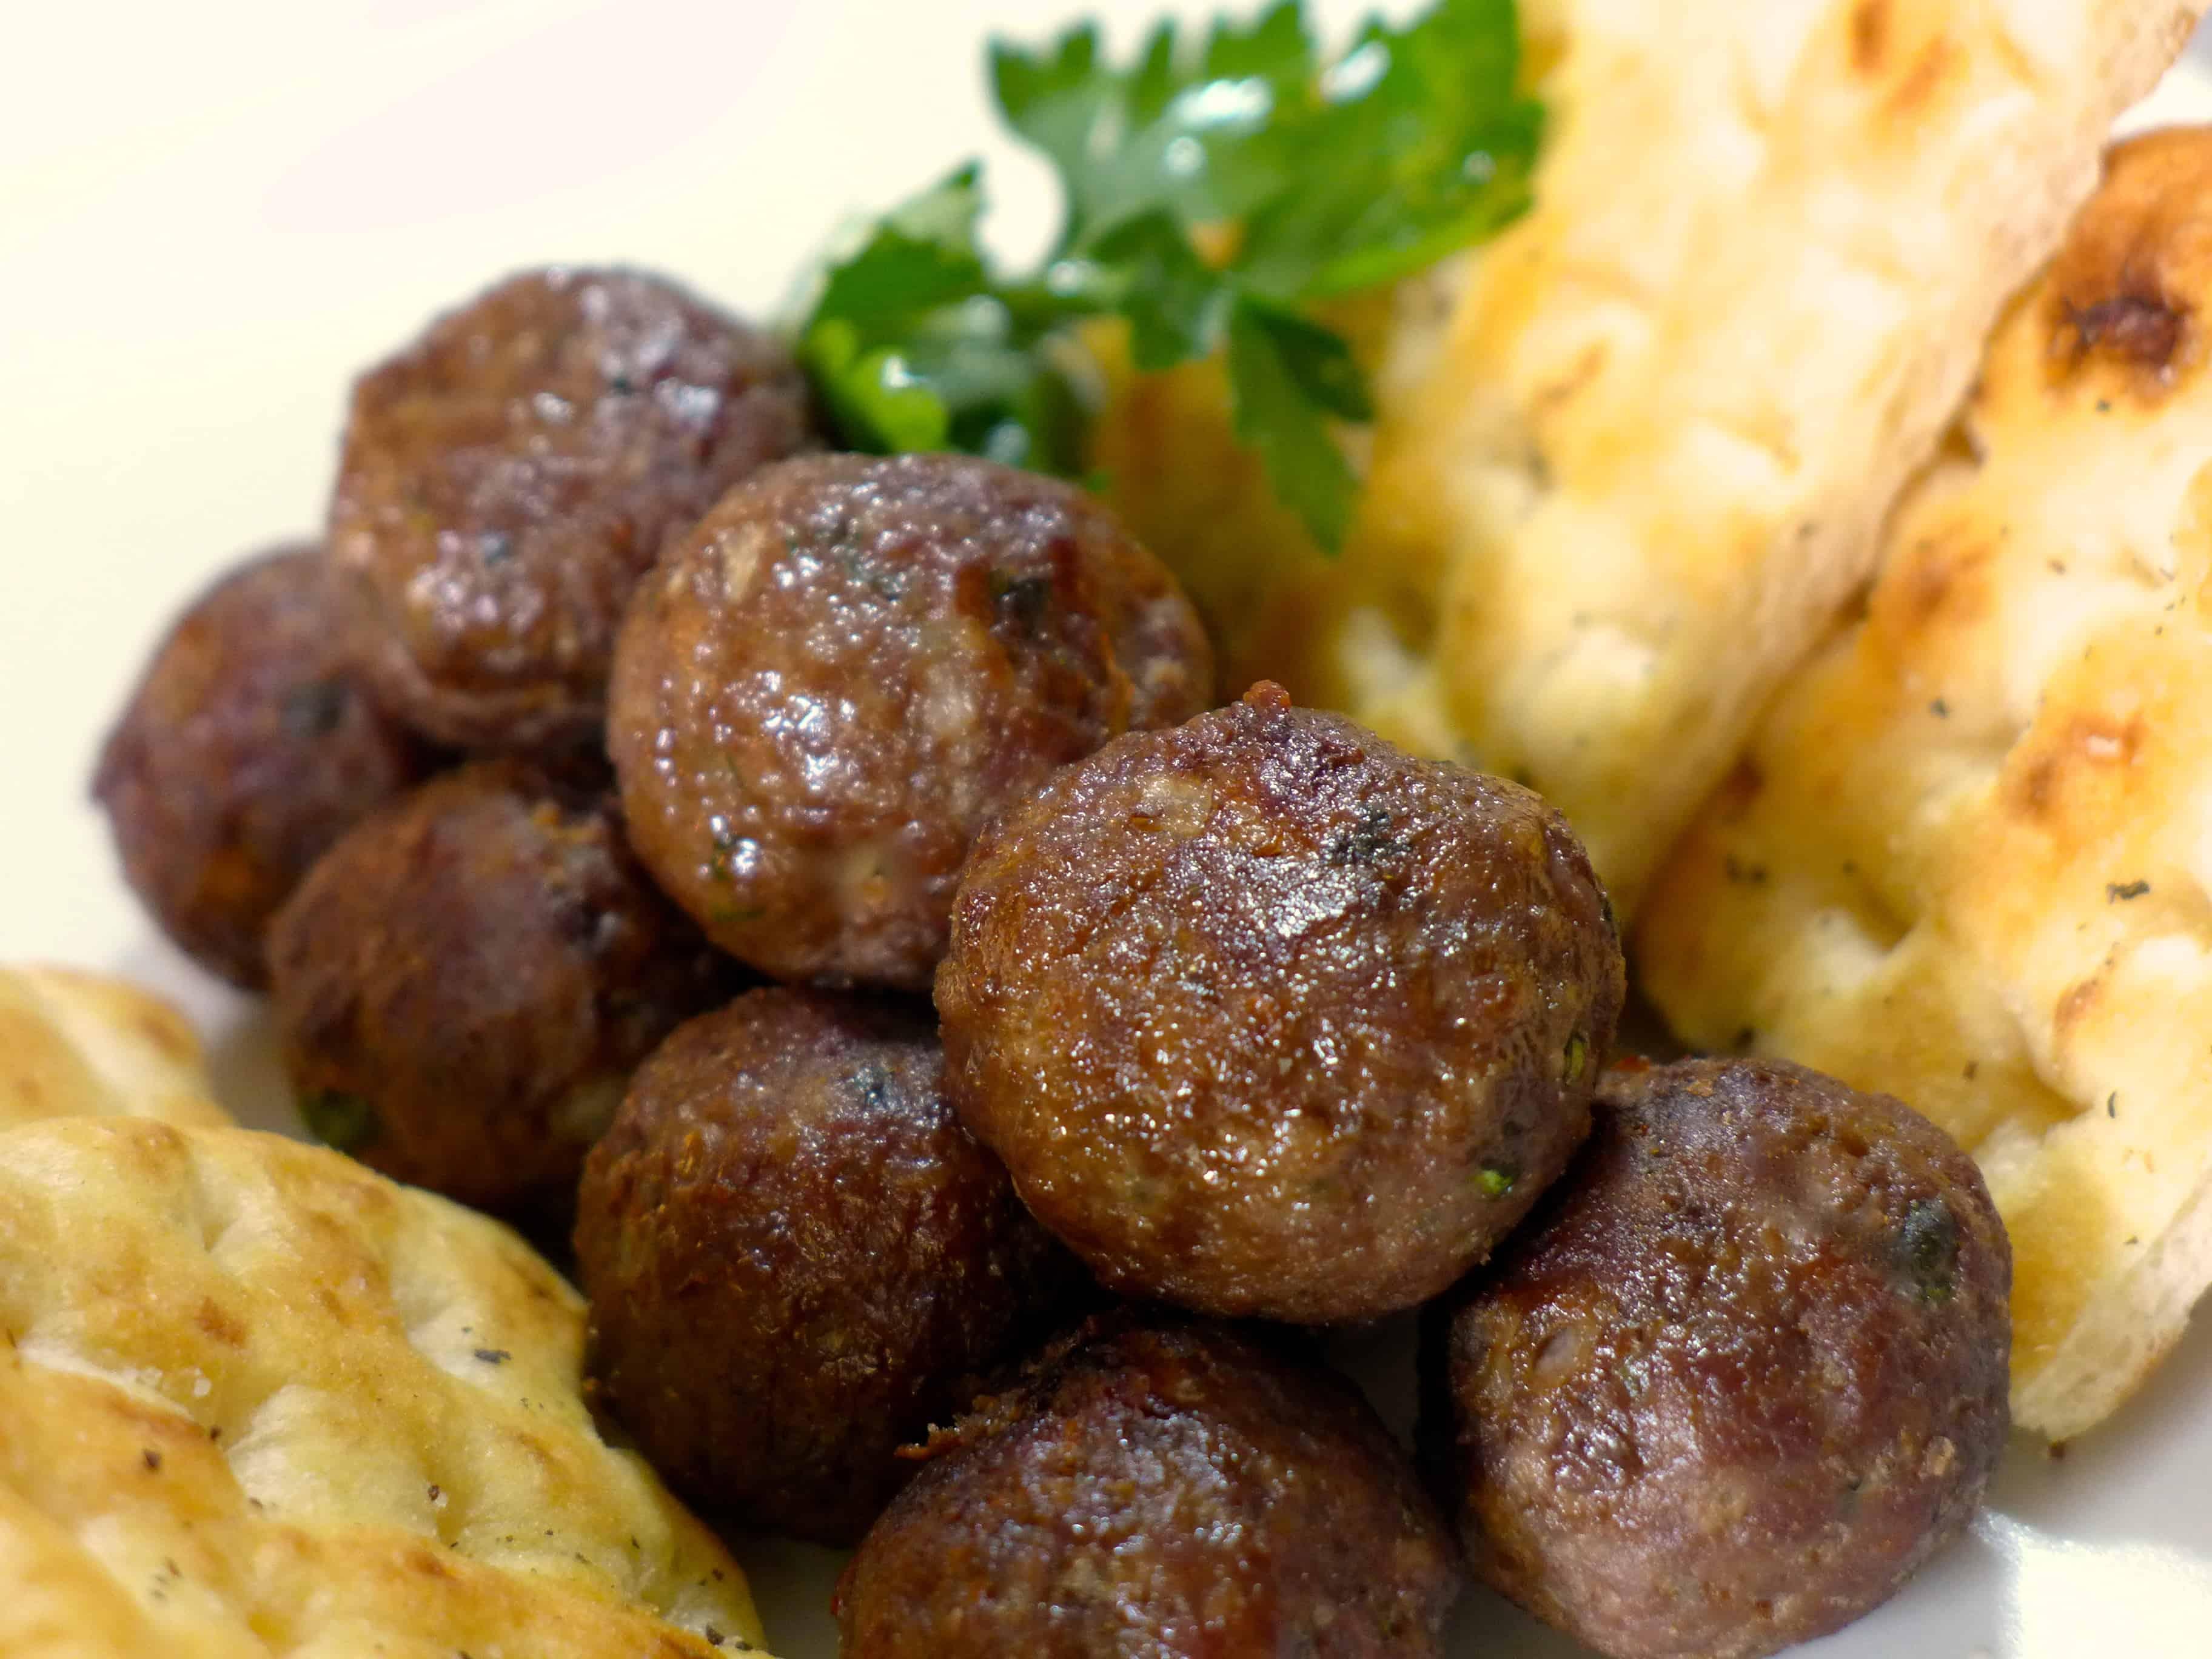 Greek Meatballs recipe (Keftedes/ Keftethes)